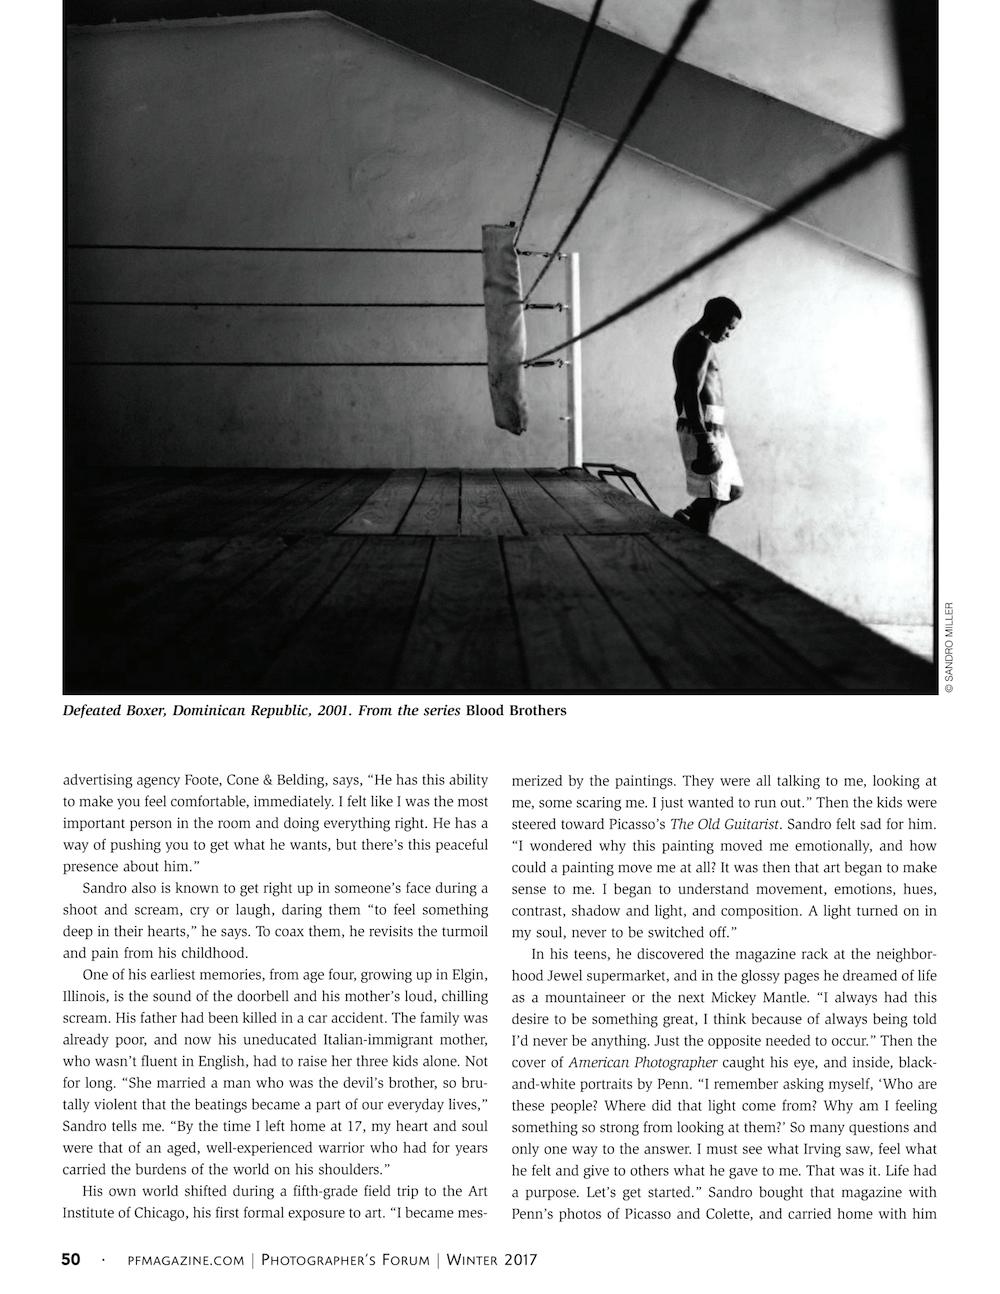 PFNOV17 Sandro cropped PDF-07.png